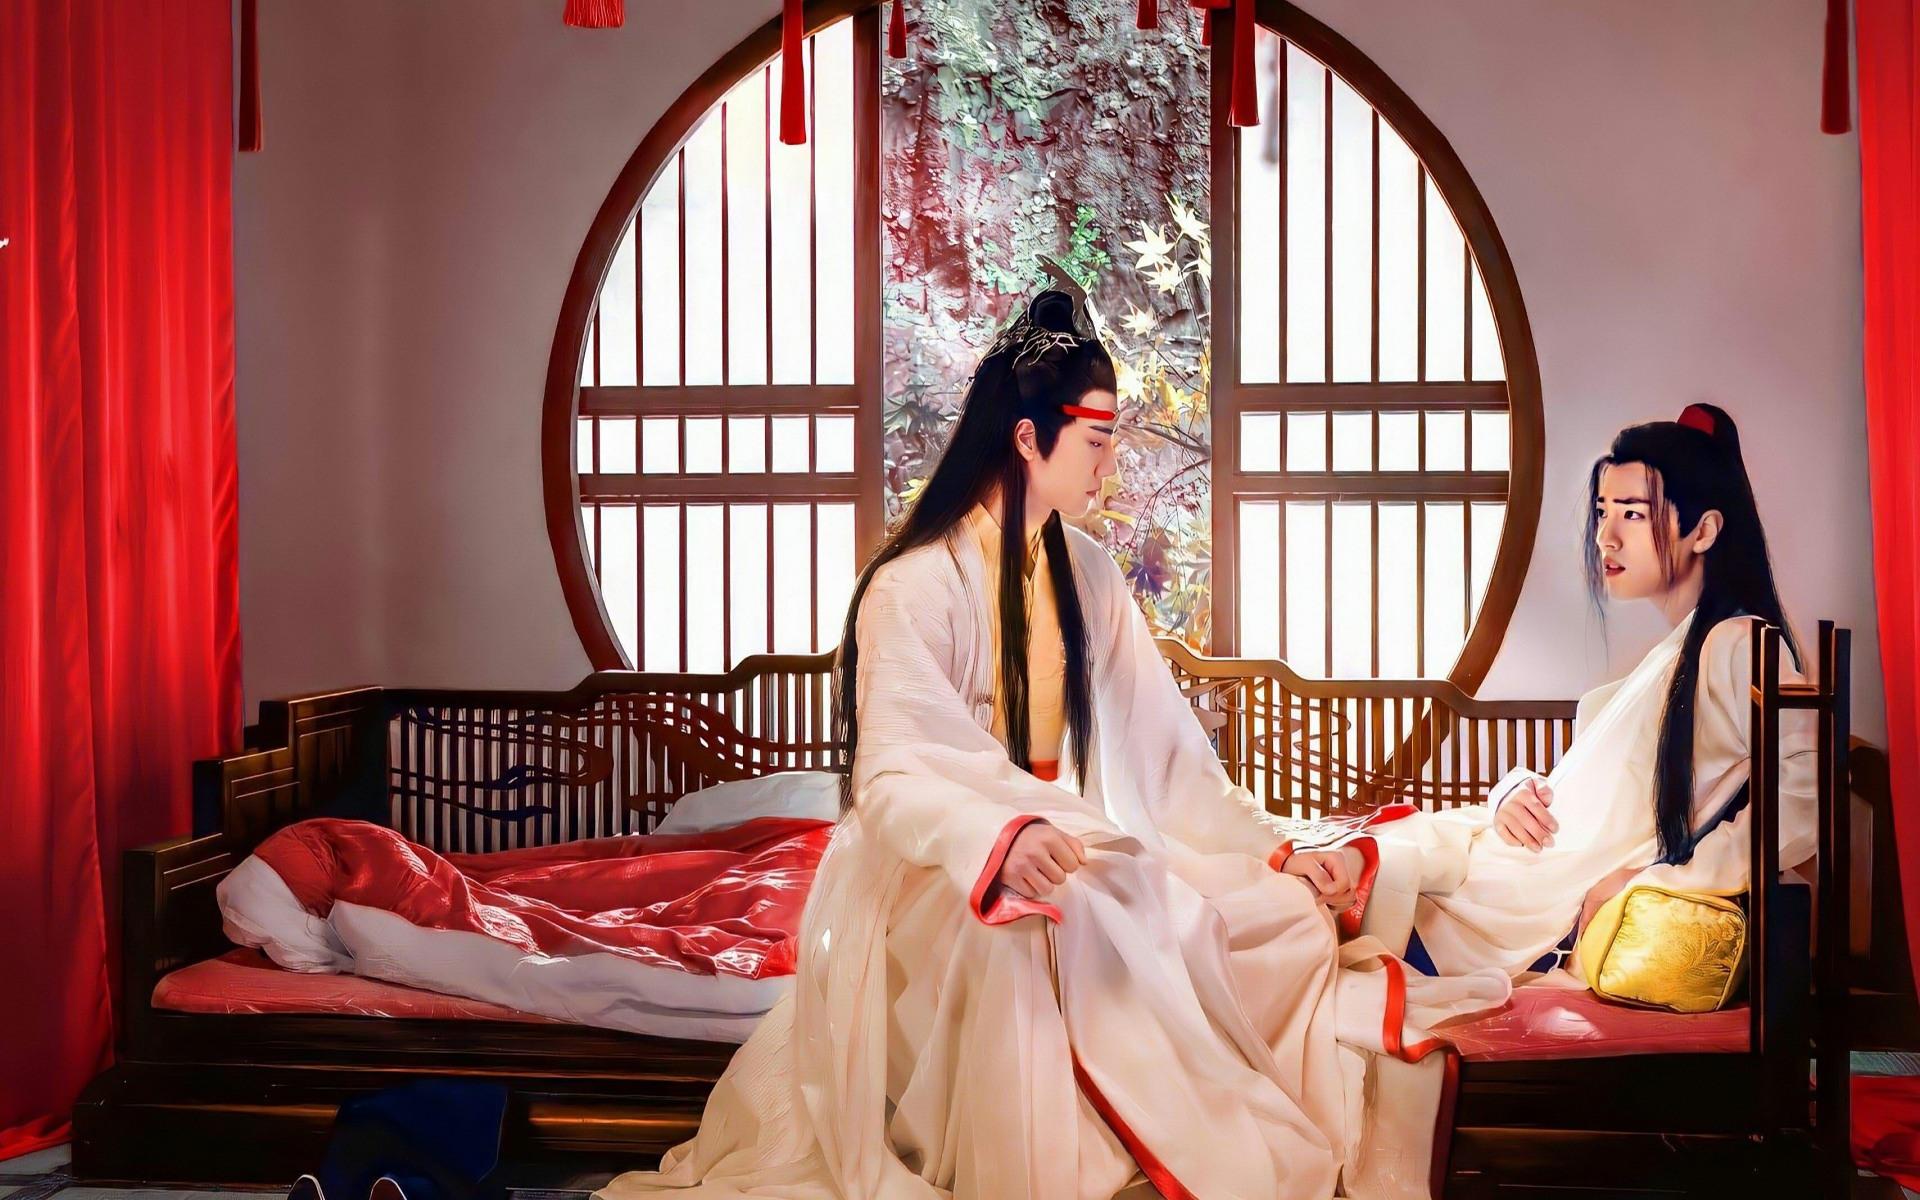 Lan Zhan Lan Wangji Wang Yibo Wei Ying Wei Wuxian Xiao Zhan 1920x1200